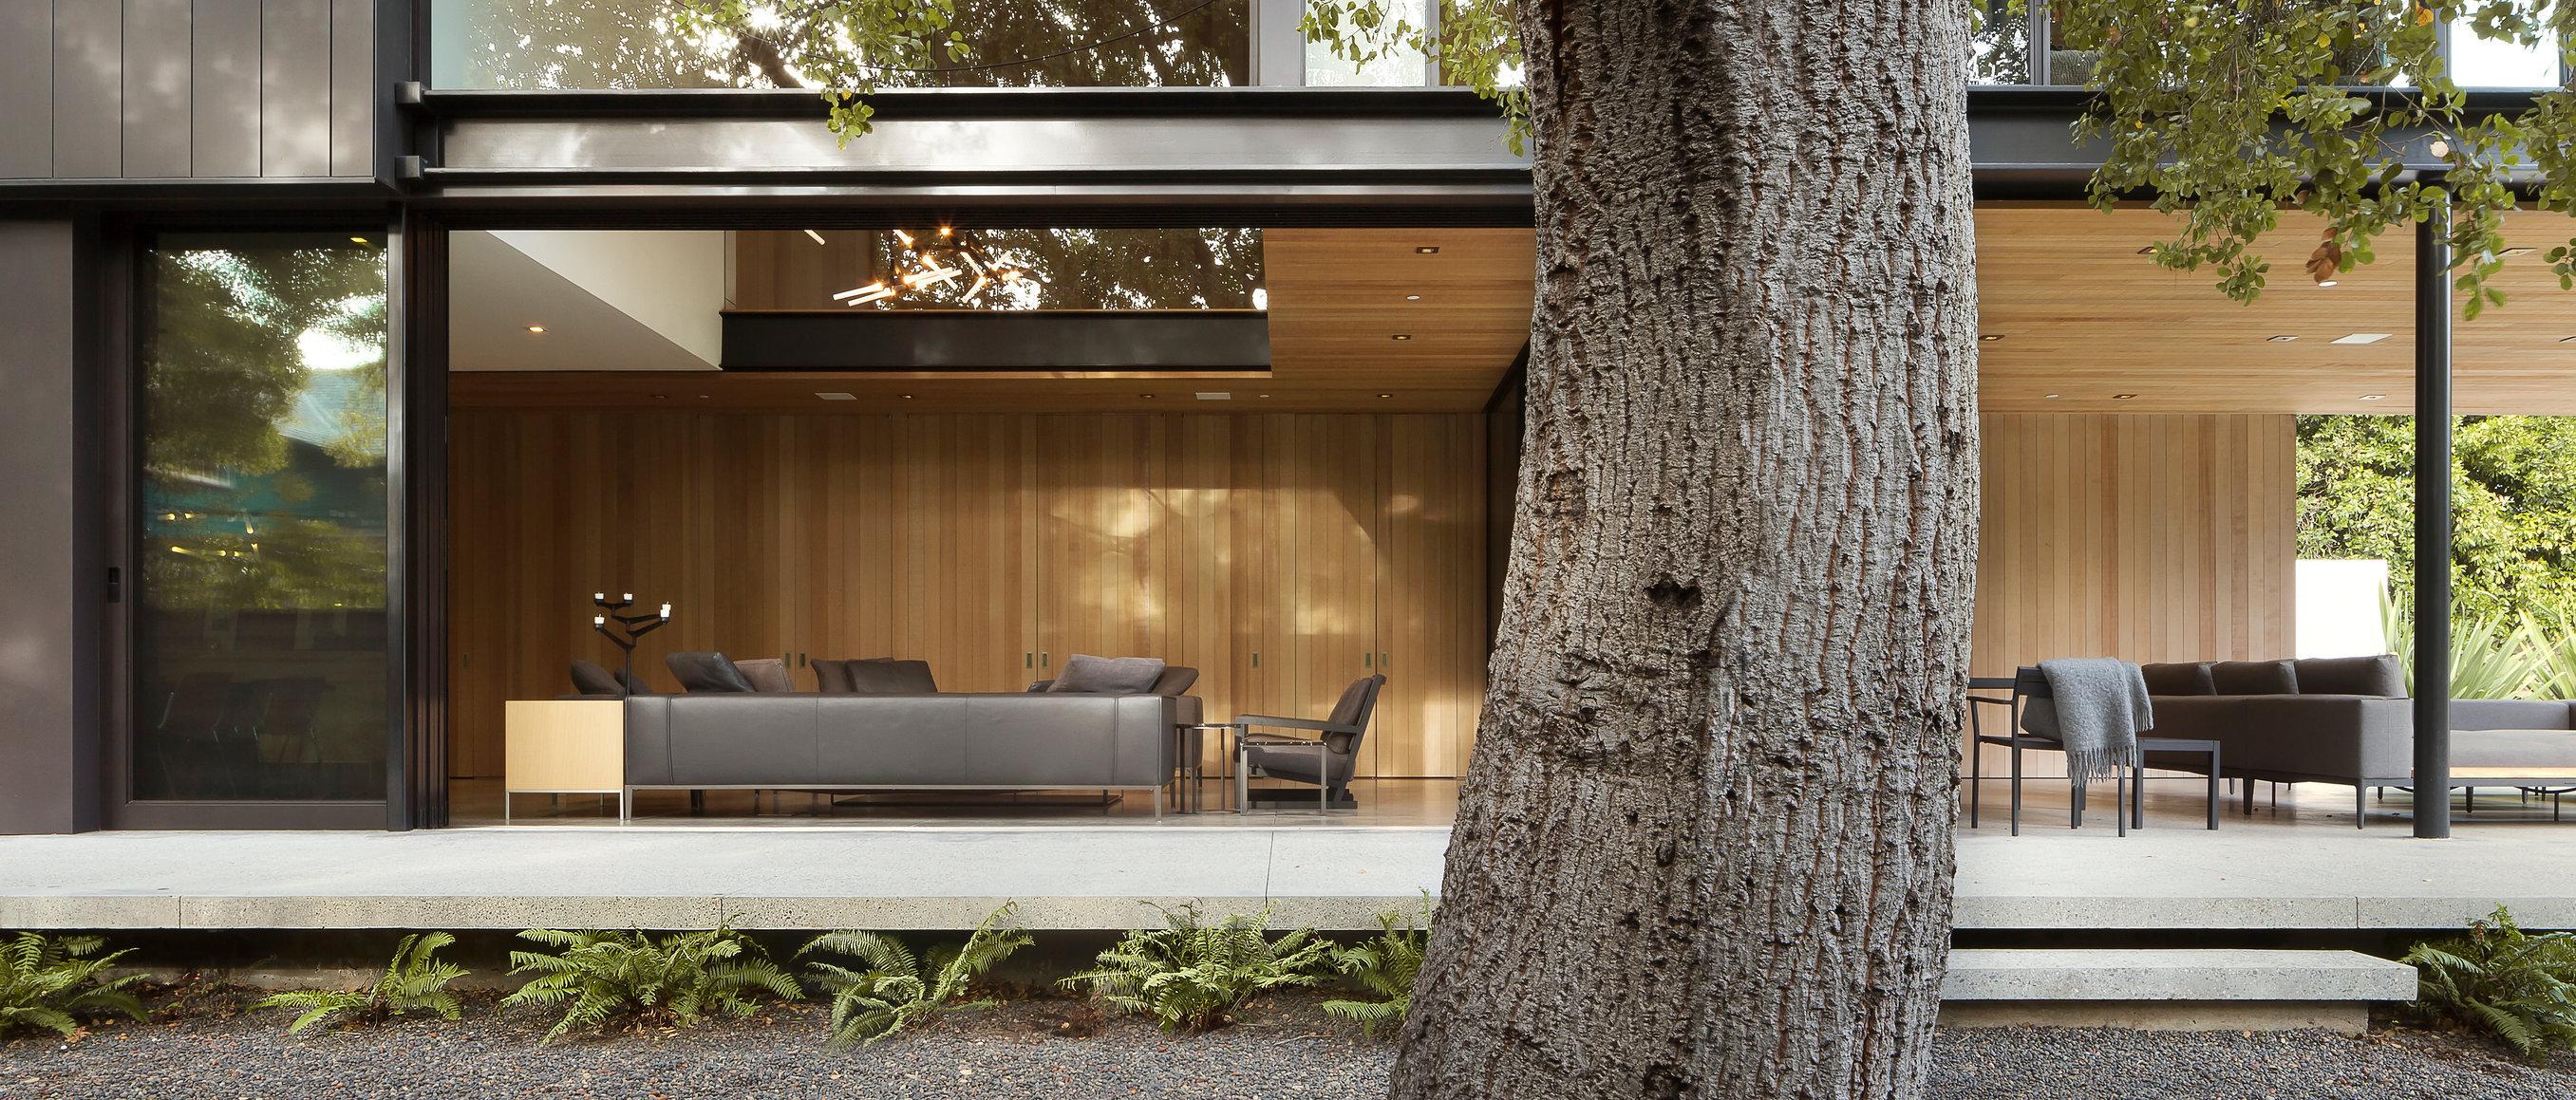 1002-Treehouse-AR-9777.jpg